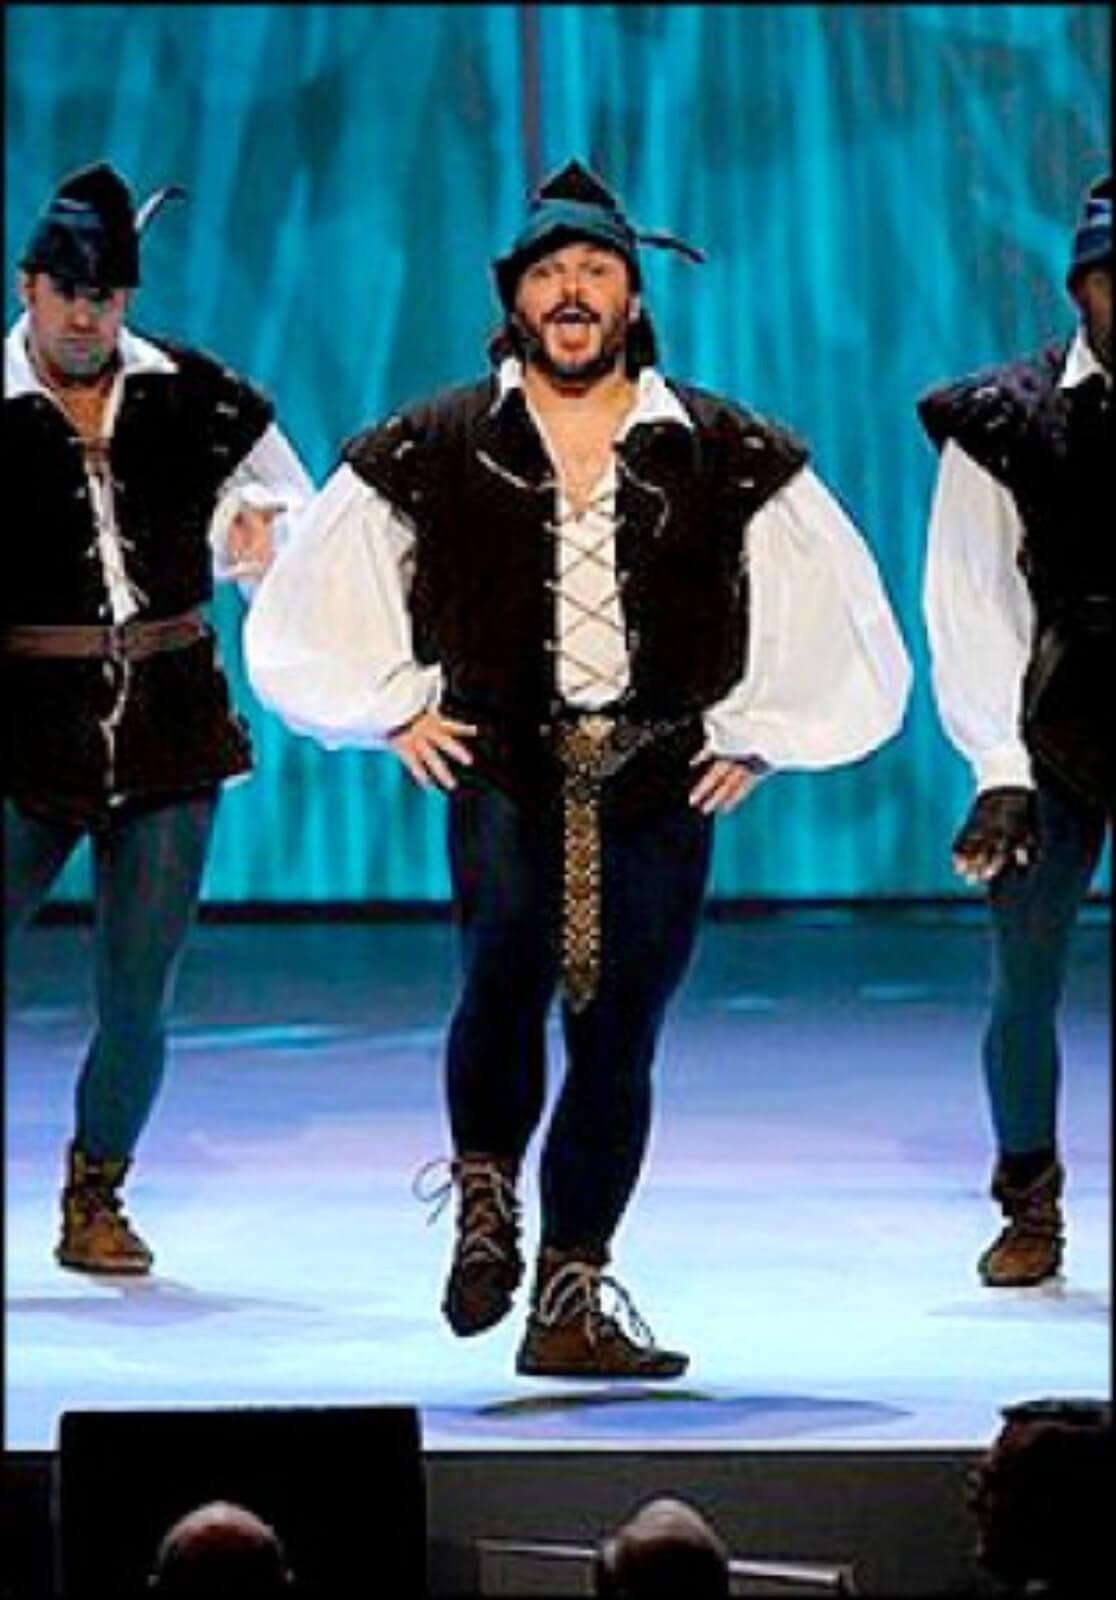 """Jack Black dances and sings """"Men in Tights"""", dressed as Robin Hood."""